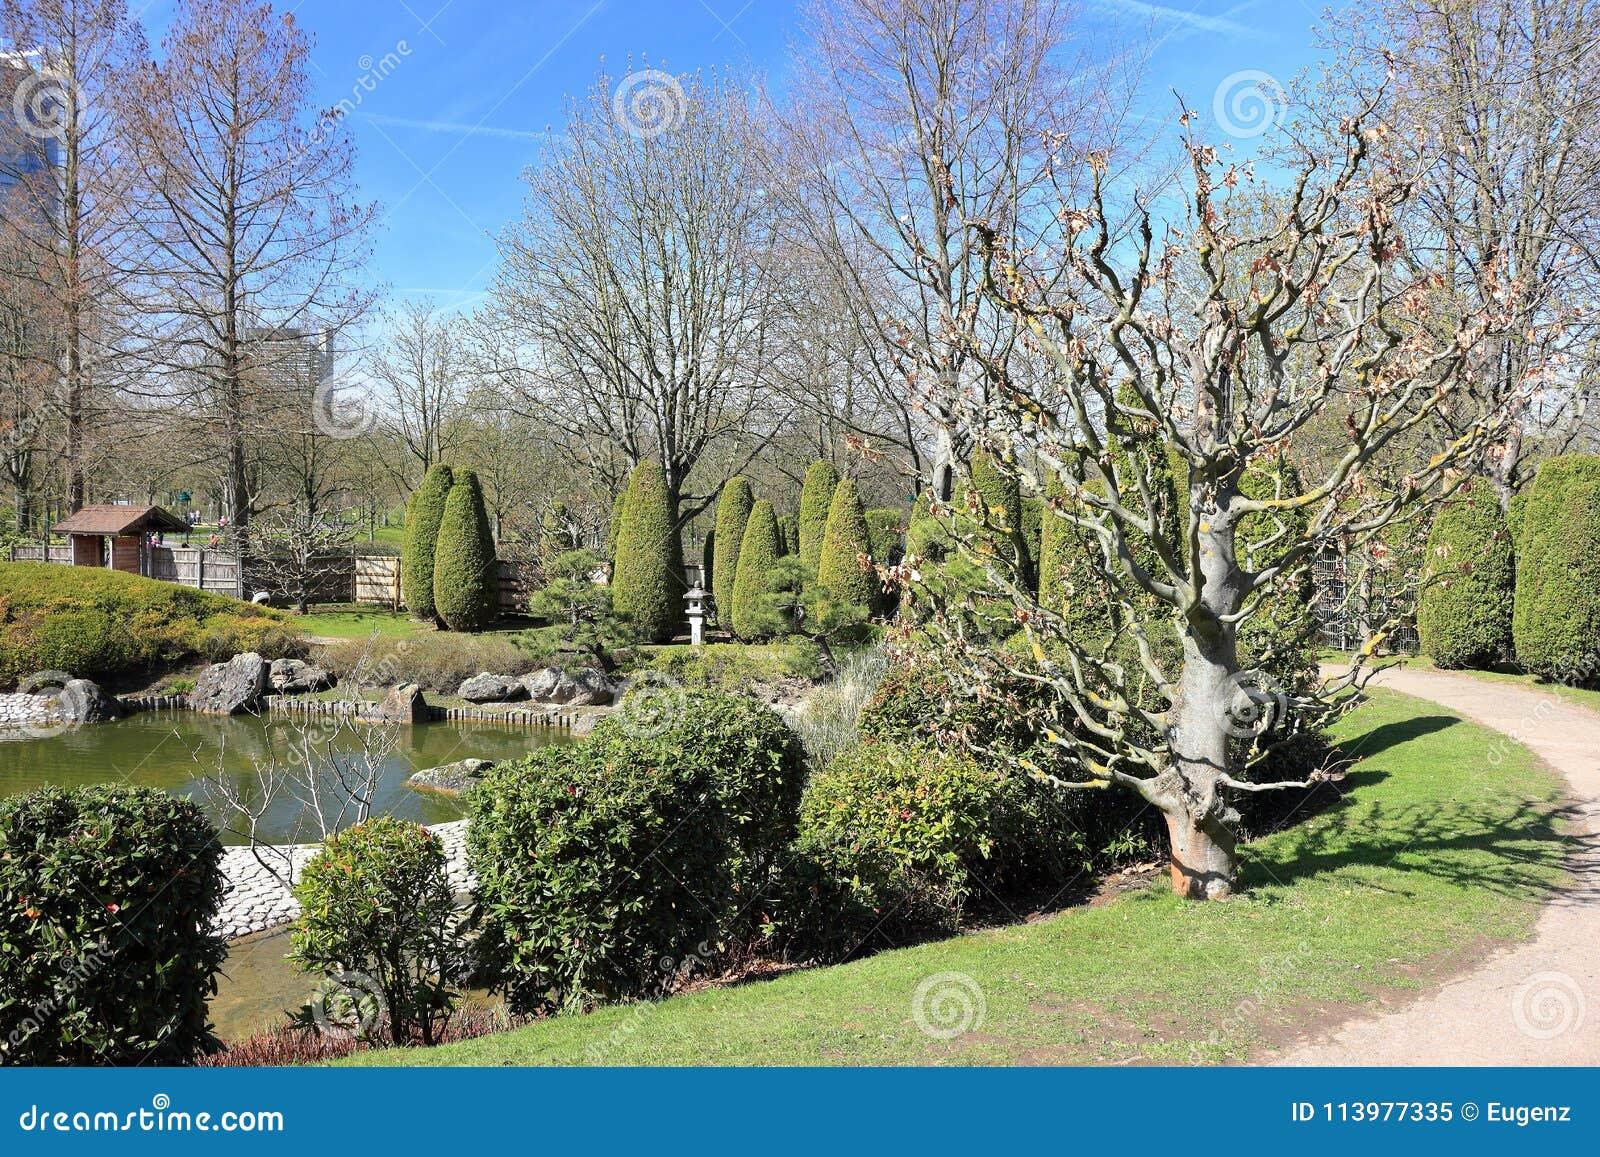 Japanischer Garten In Rheinaue-Park Bonn, Deutschland Stockbild ...